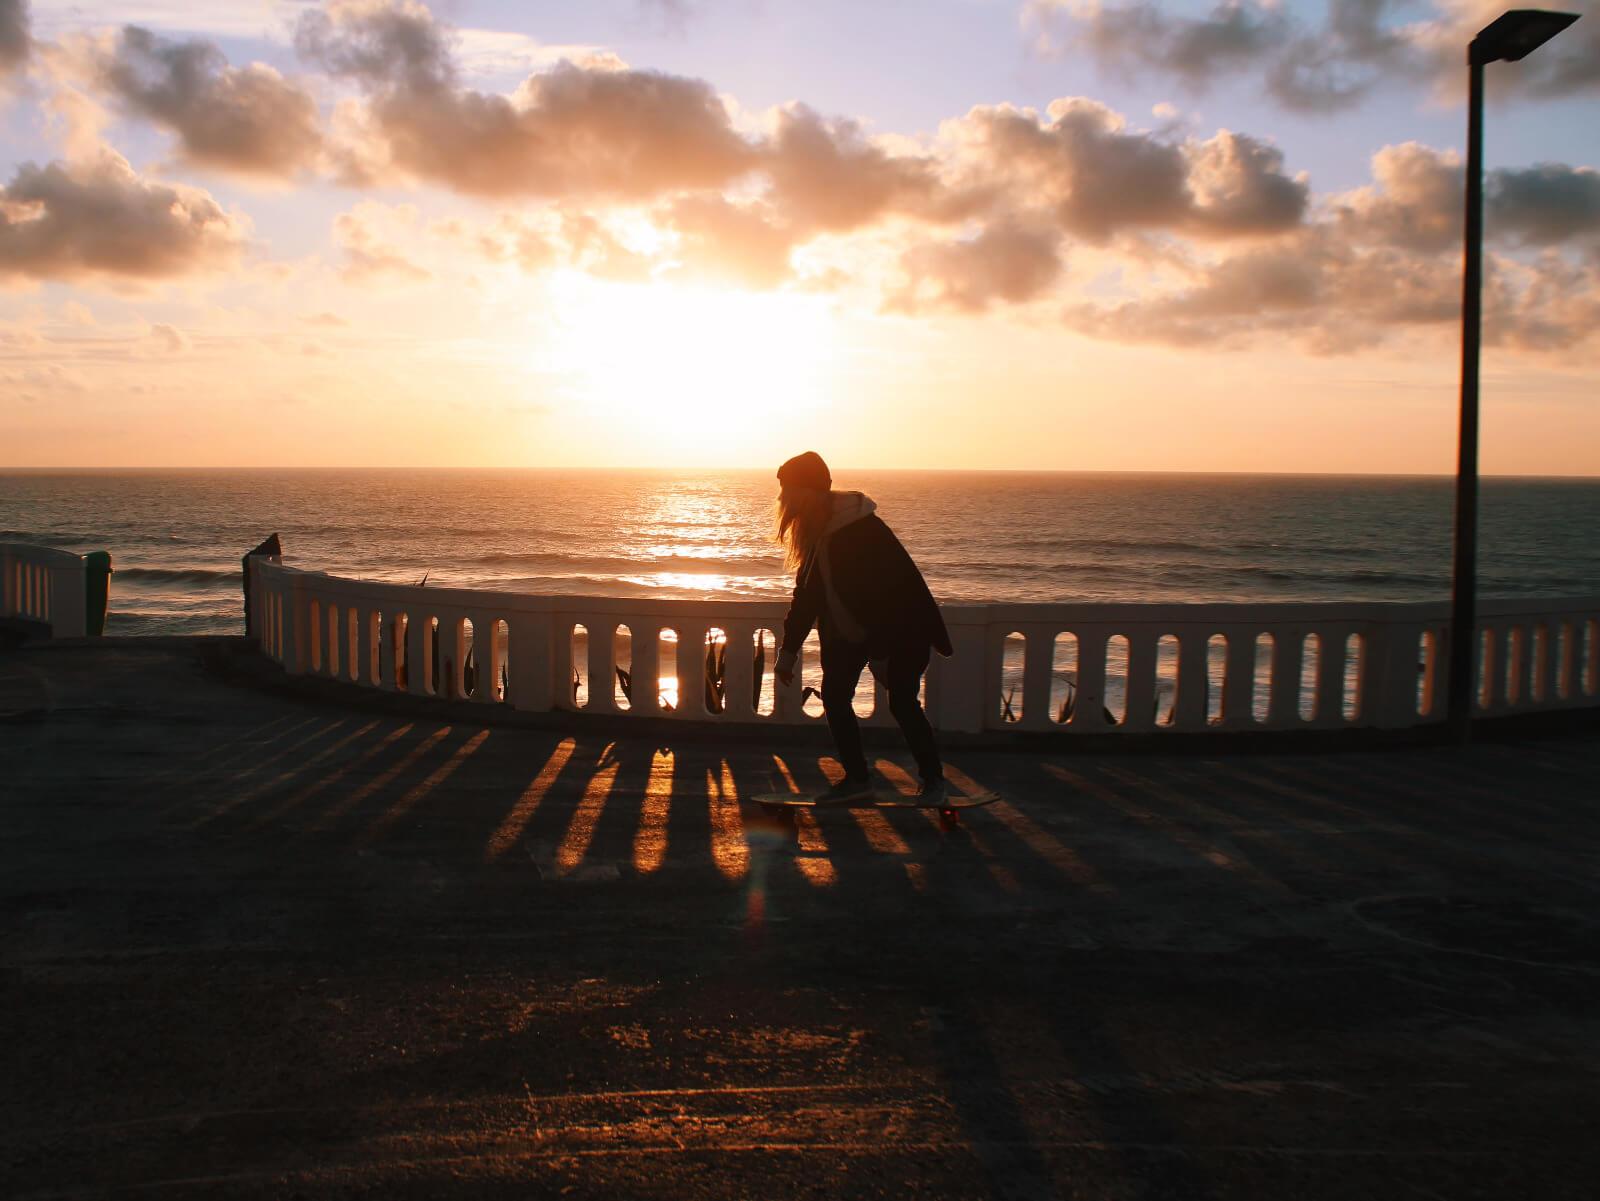 Skateboarder at sunset in santa cruz portugal